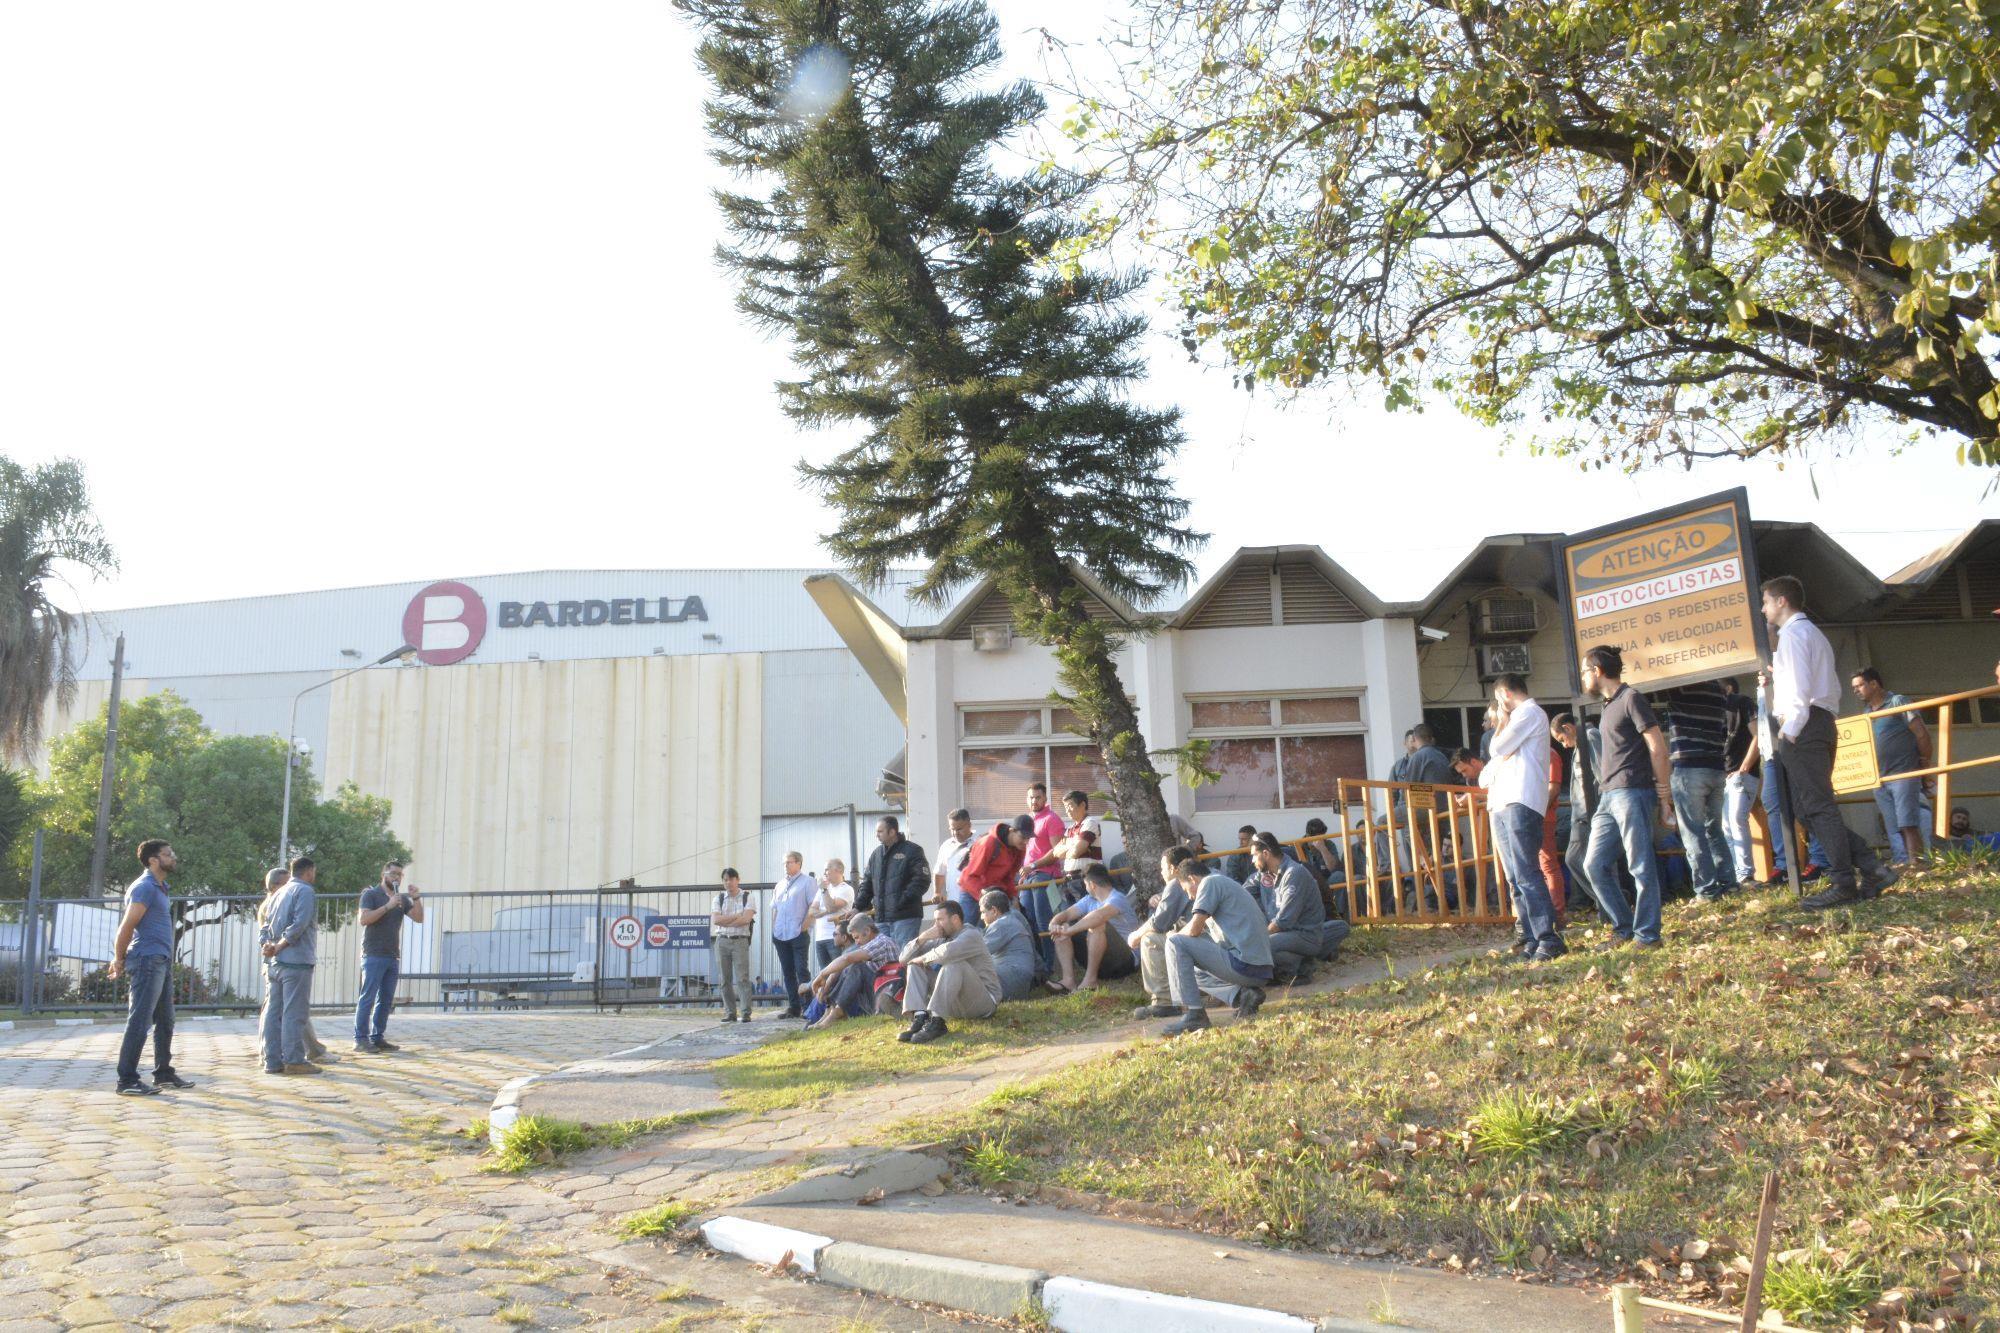 Bardella, Sorocaba, SMetal, Crise, atraso de salários, Foguinho/Imprensa SMetal